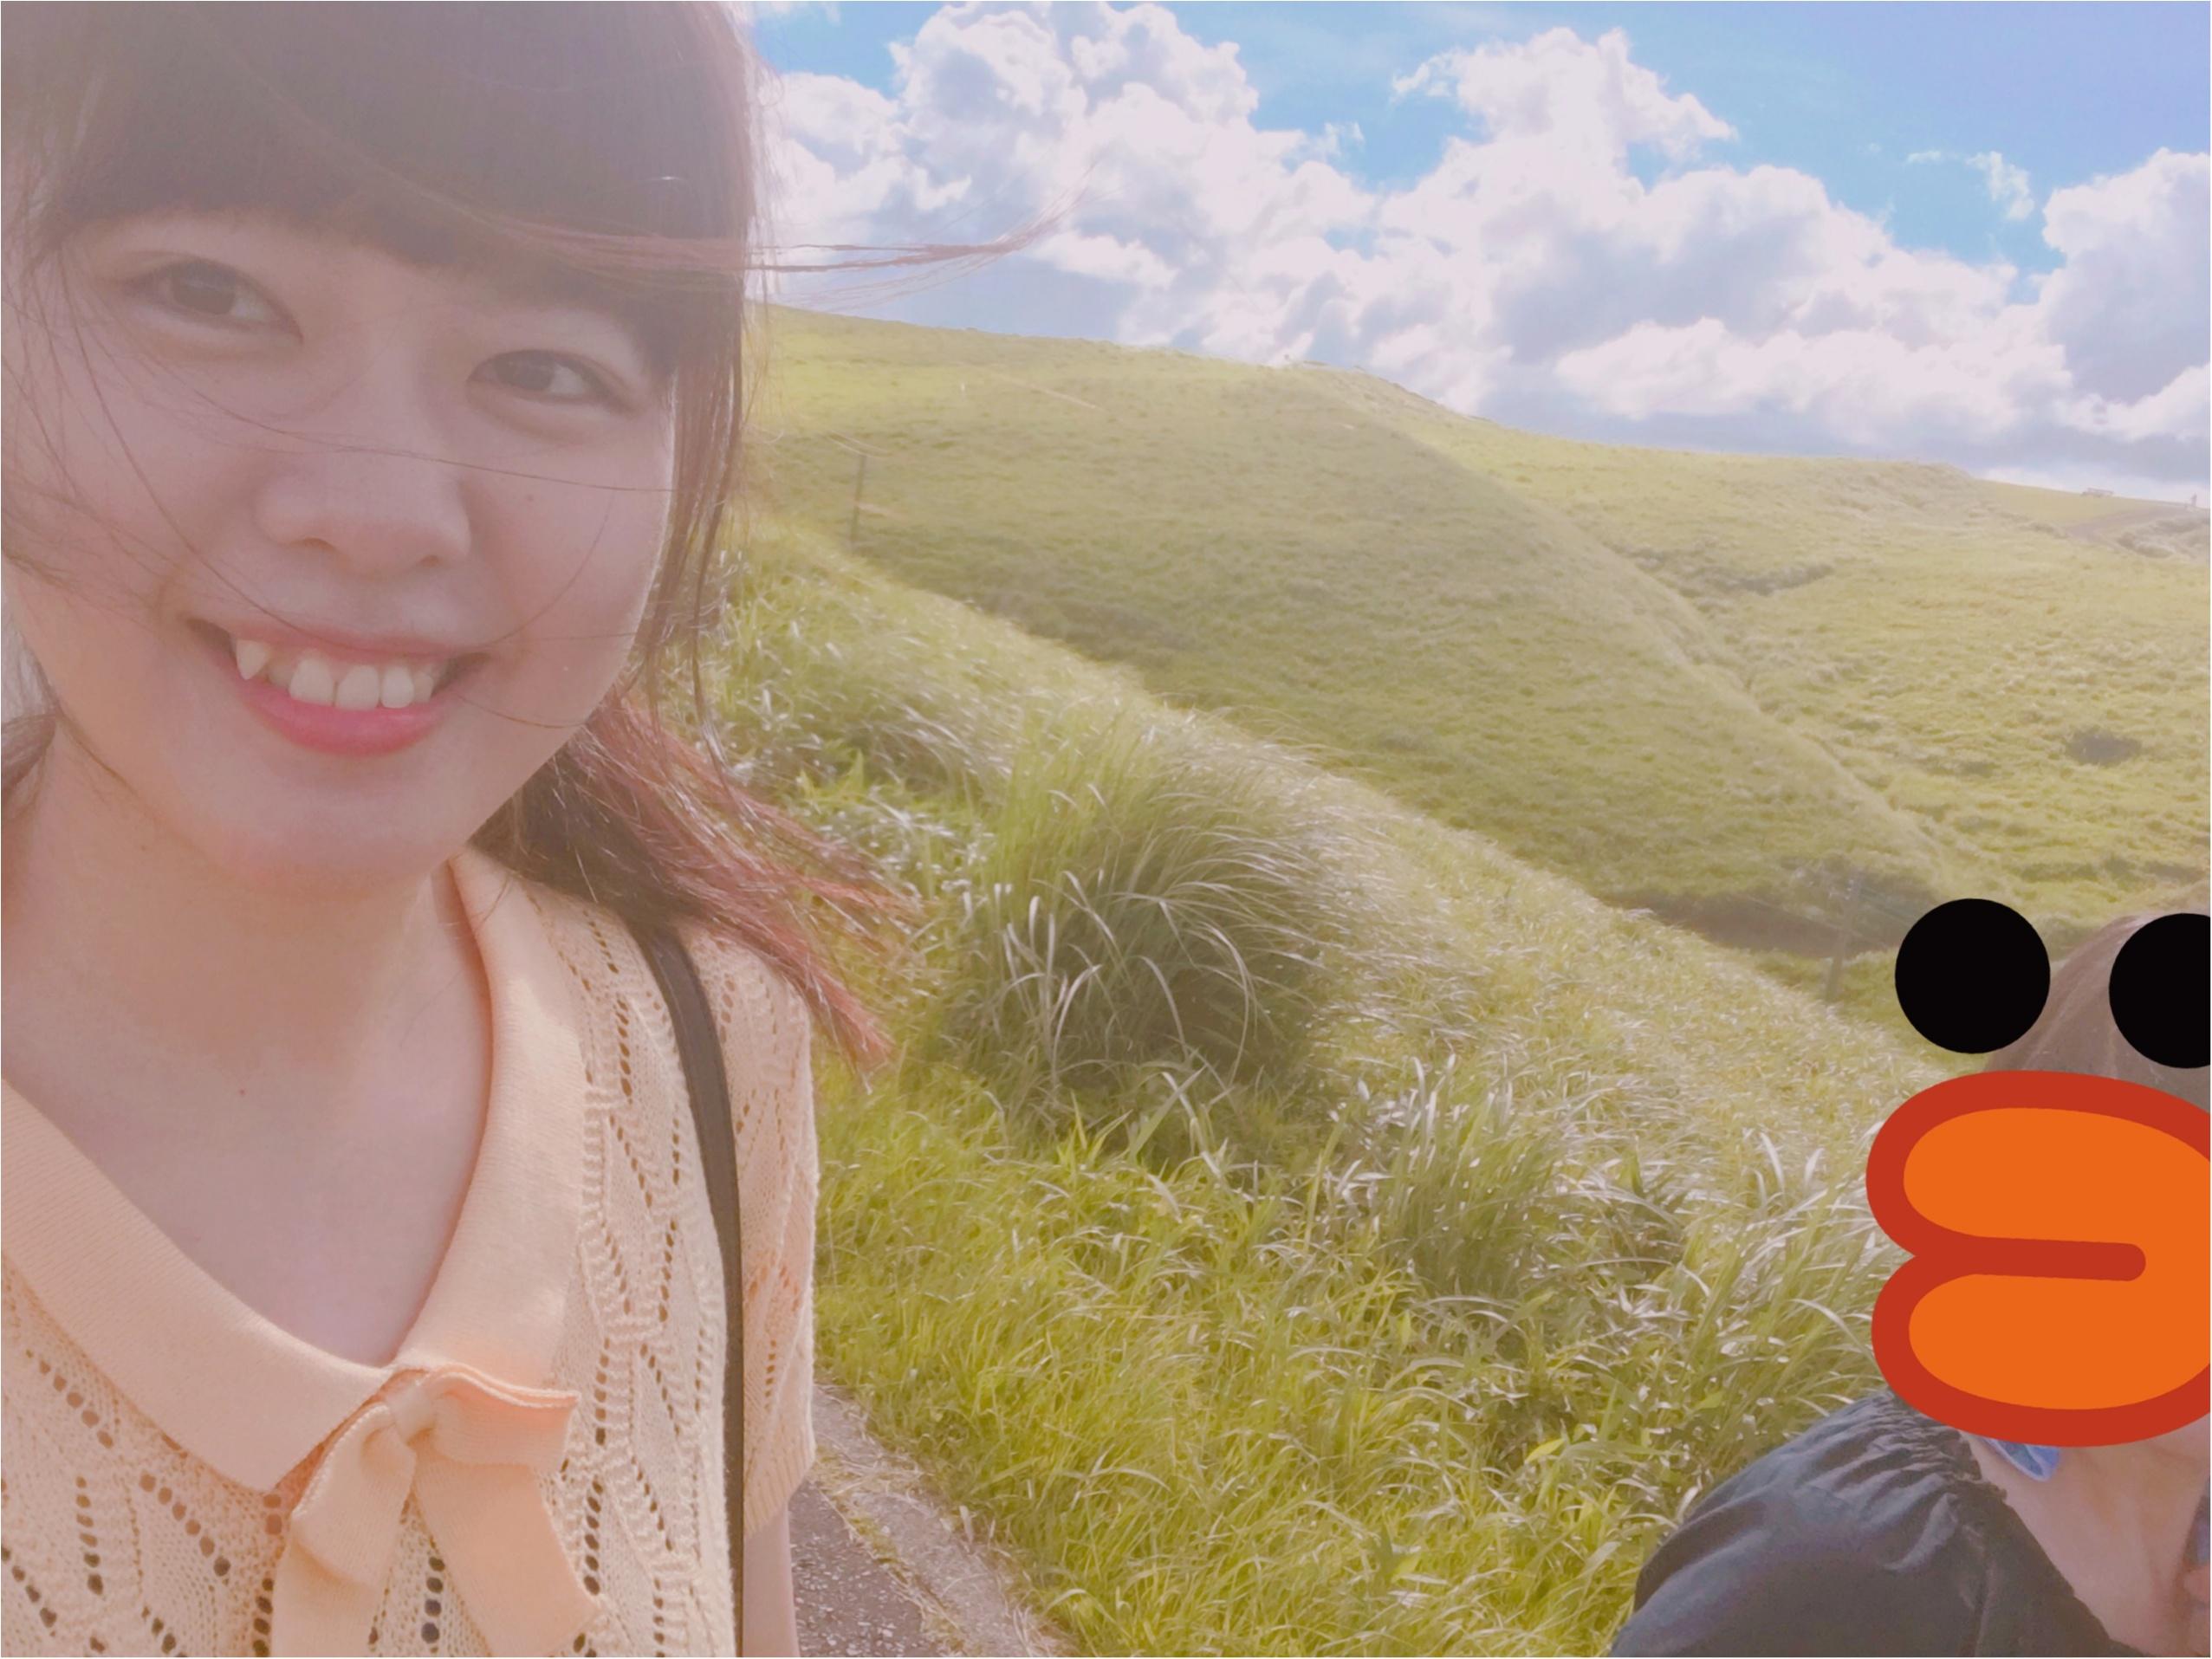 【初動画で紹介!】まるでジブリの世界!晴れた『阿蘇』の絶景を観てください!【#モアチャレ 熊本の魅力発信!】 _8